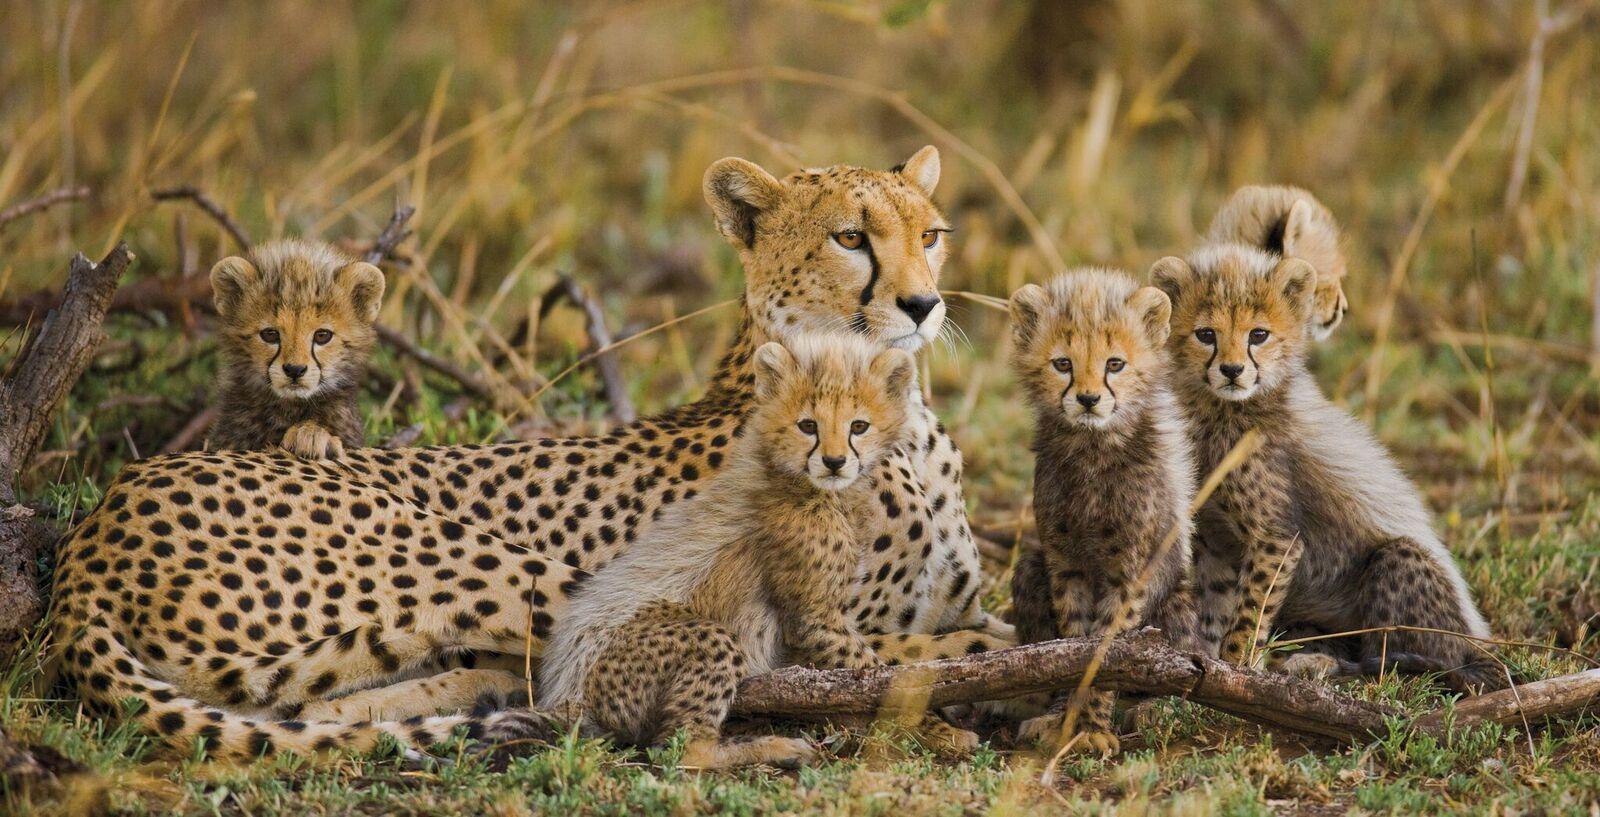 Zugreise mit Rovos Rail in Afrika. Safaribild von einer Leopardenmutter, die mit ihren fünf Jungen im Gras liegt.